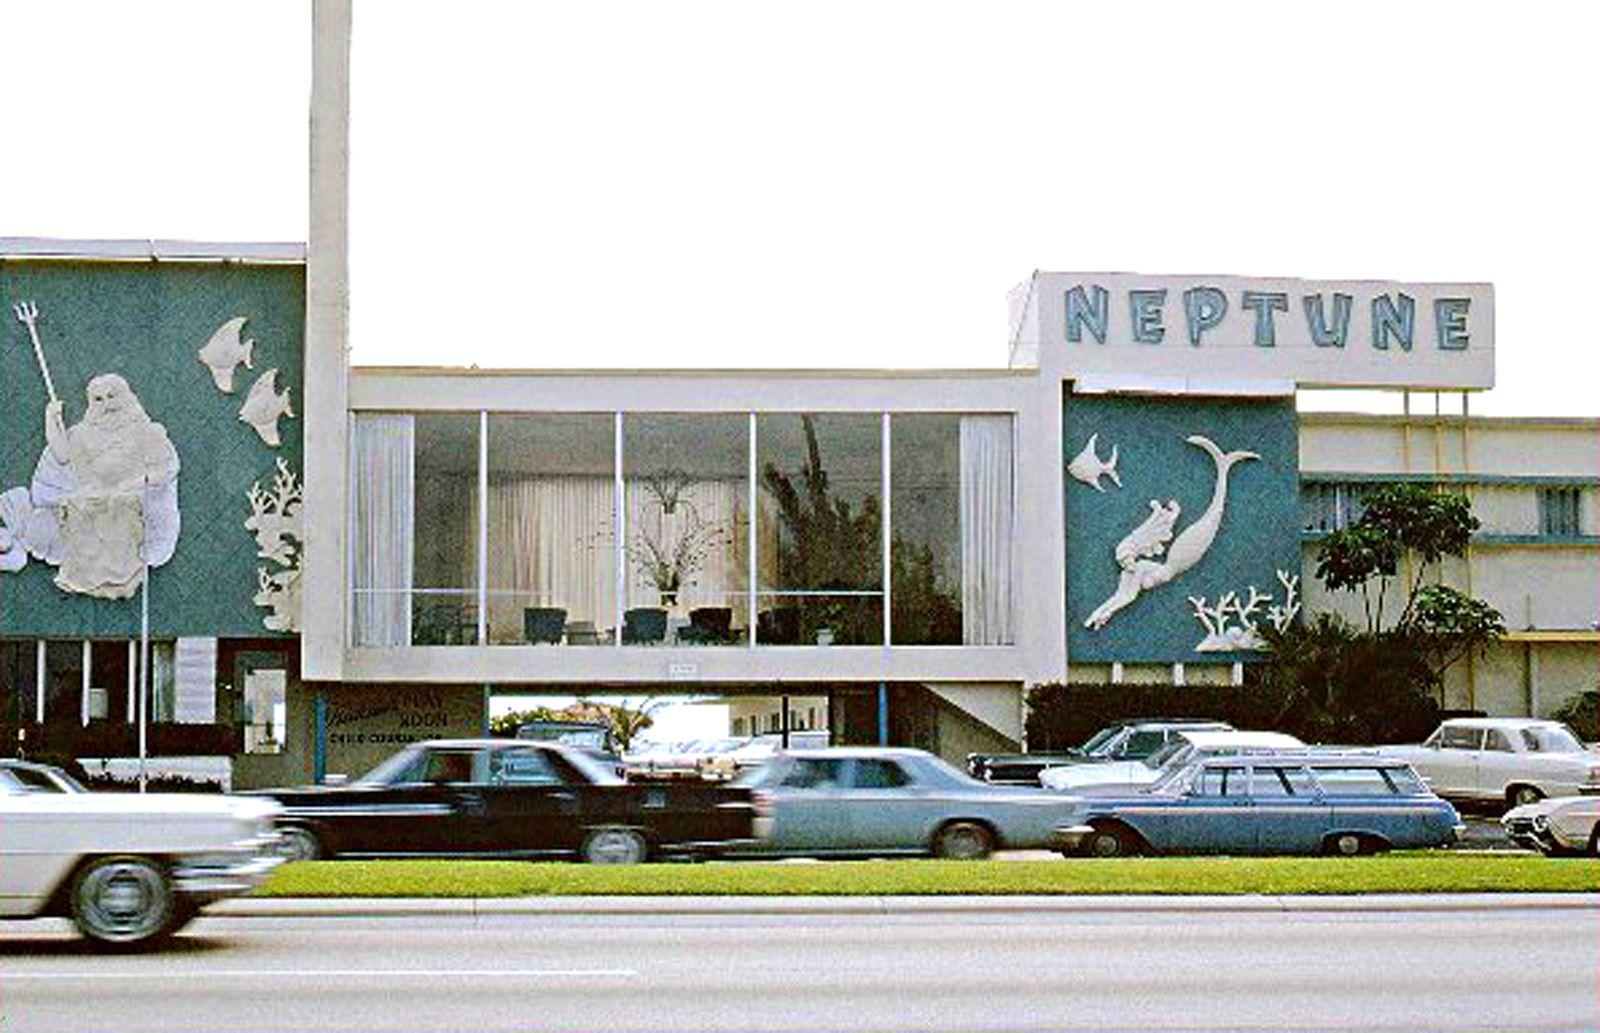 Motel Florida Miami Beach